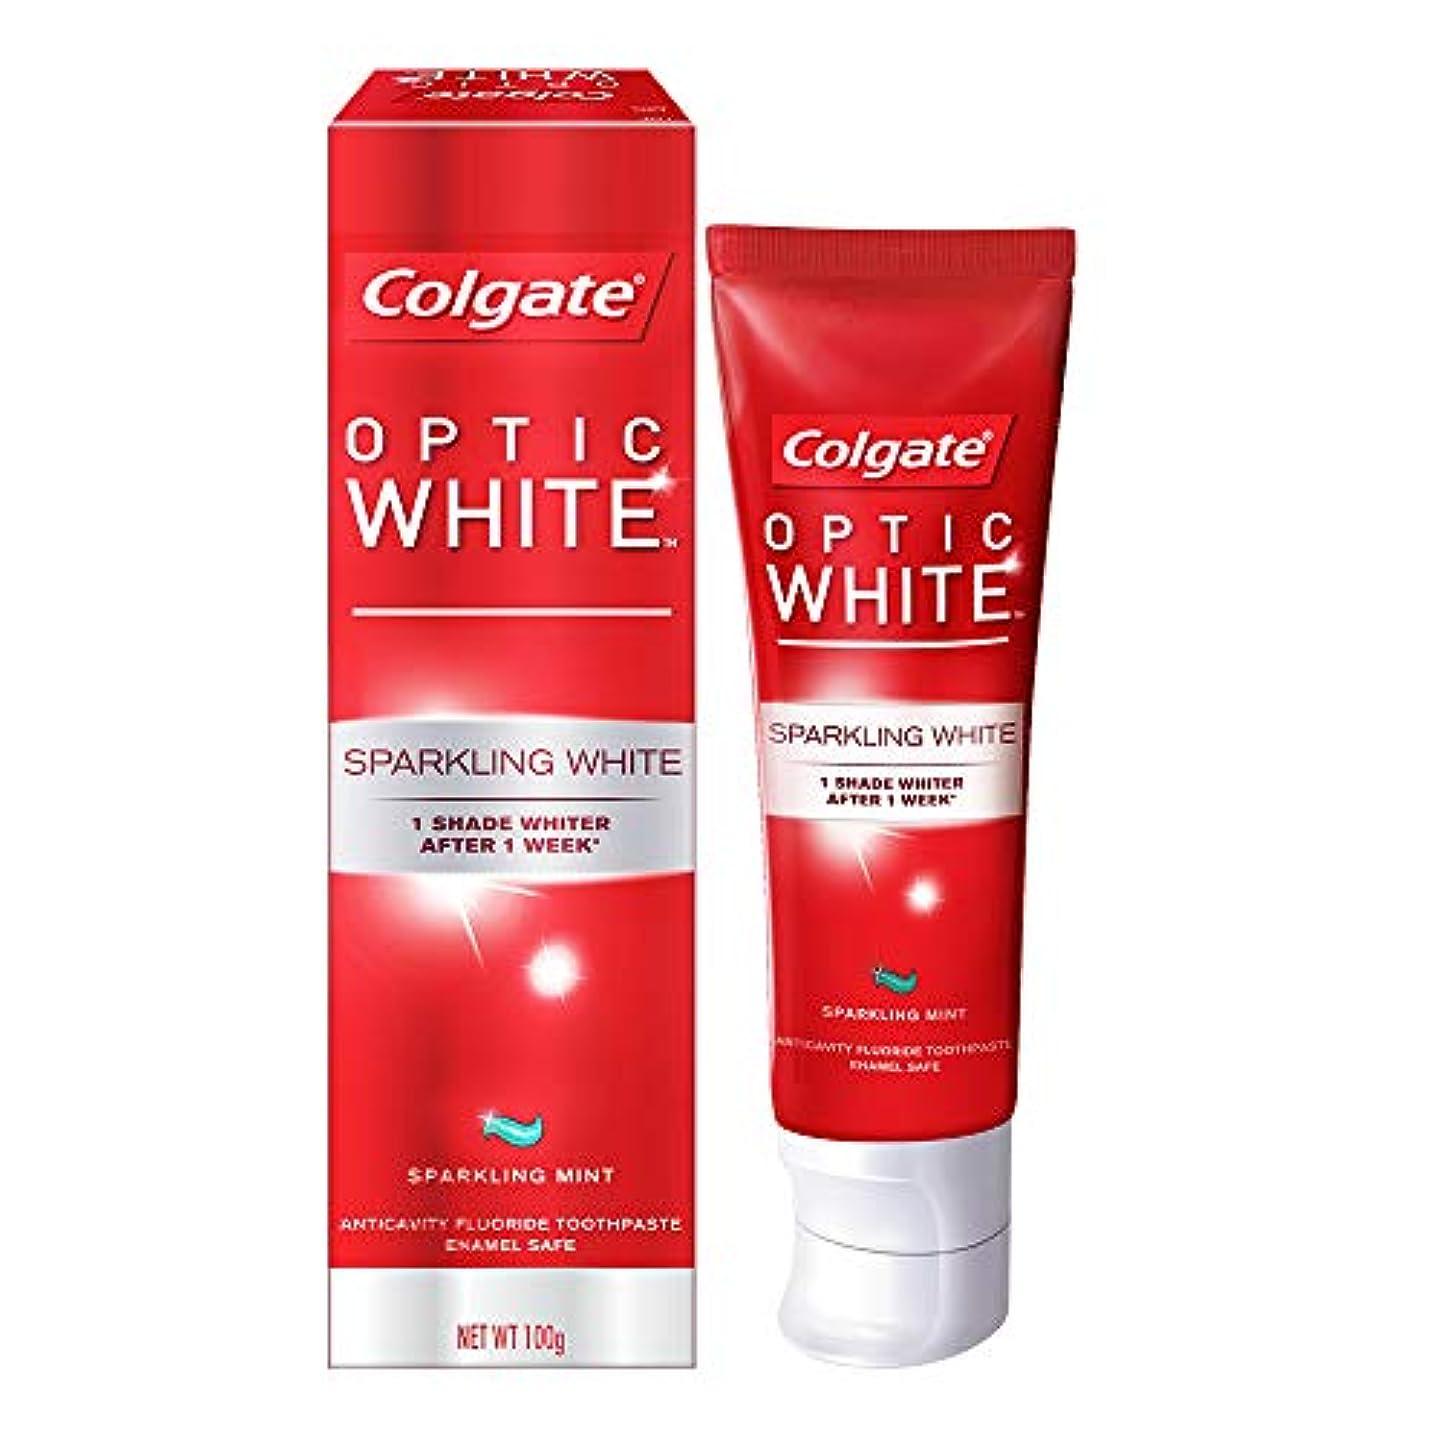 従者前進平日コールゲート オプティック ホワイト スパークリングシャイン 100g 歯磨き粉 Colgate Optic White Sparkling Shine 100g Tooth Paste